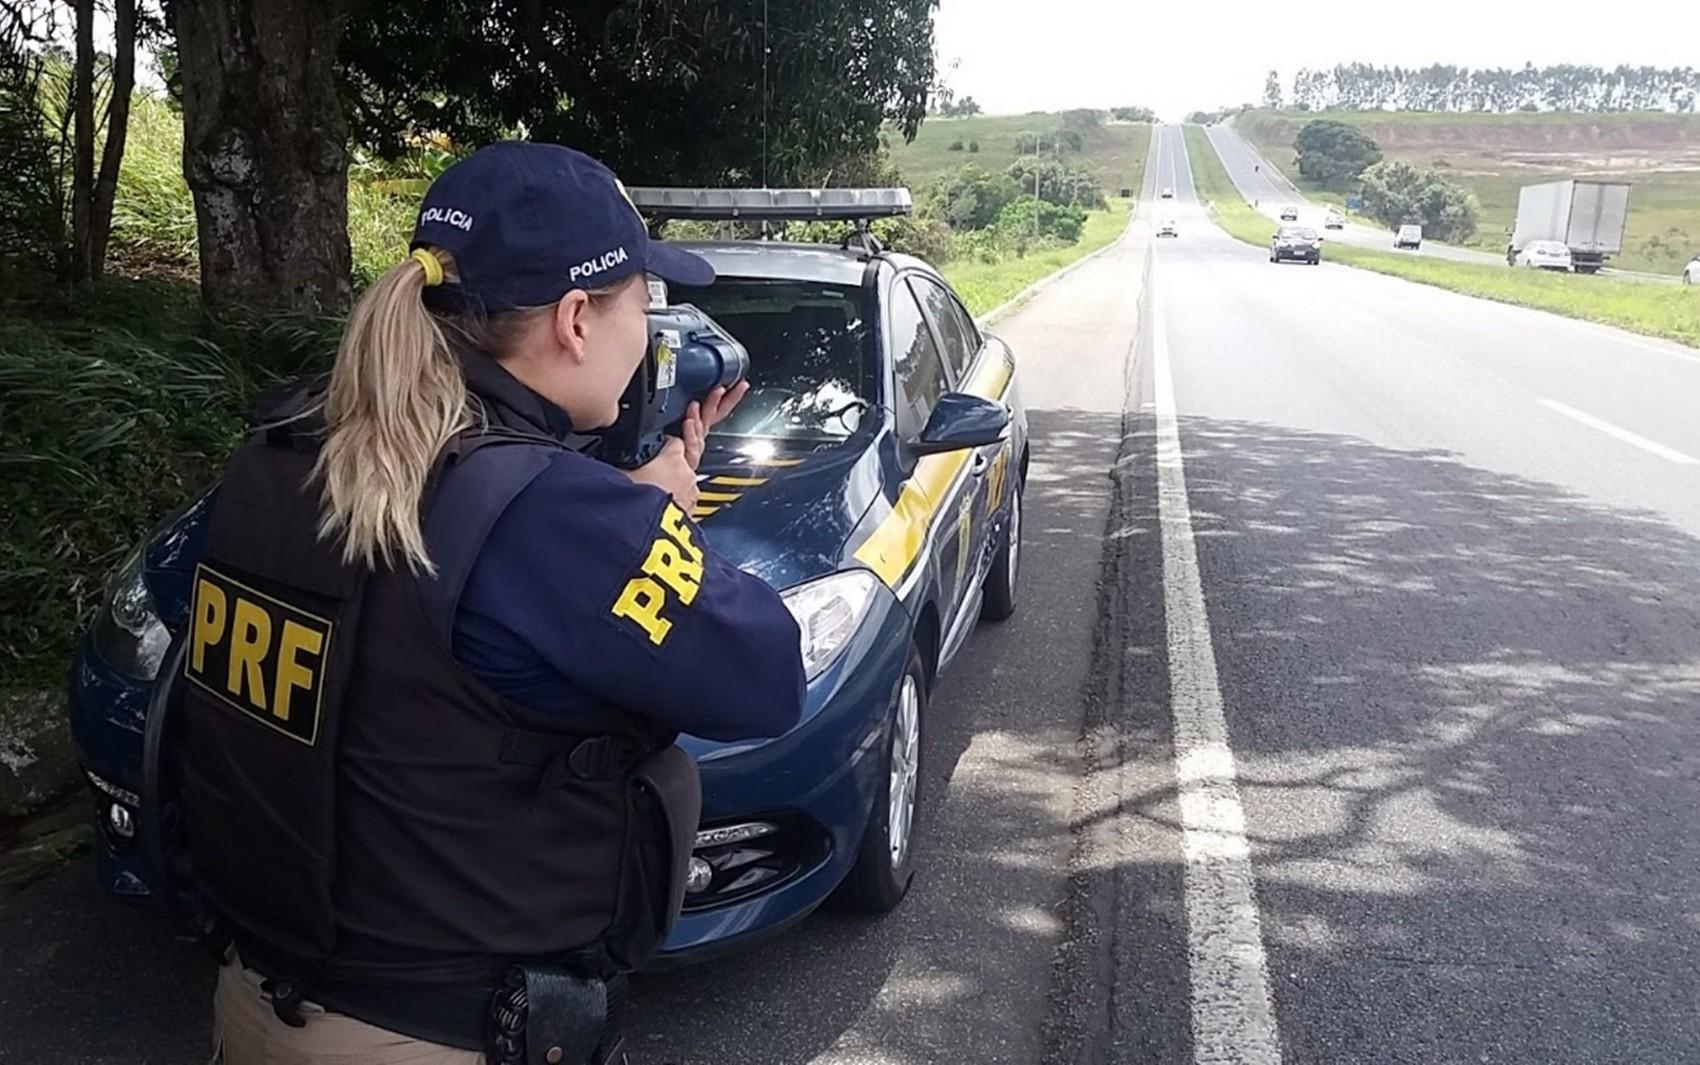 Operação Semana Santa 2019 da PRF começa nesta quinta-feira (18) nas estradas da PB